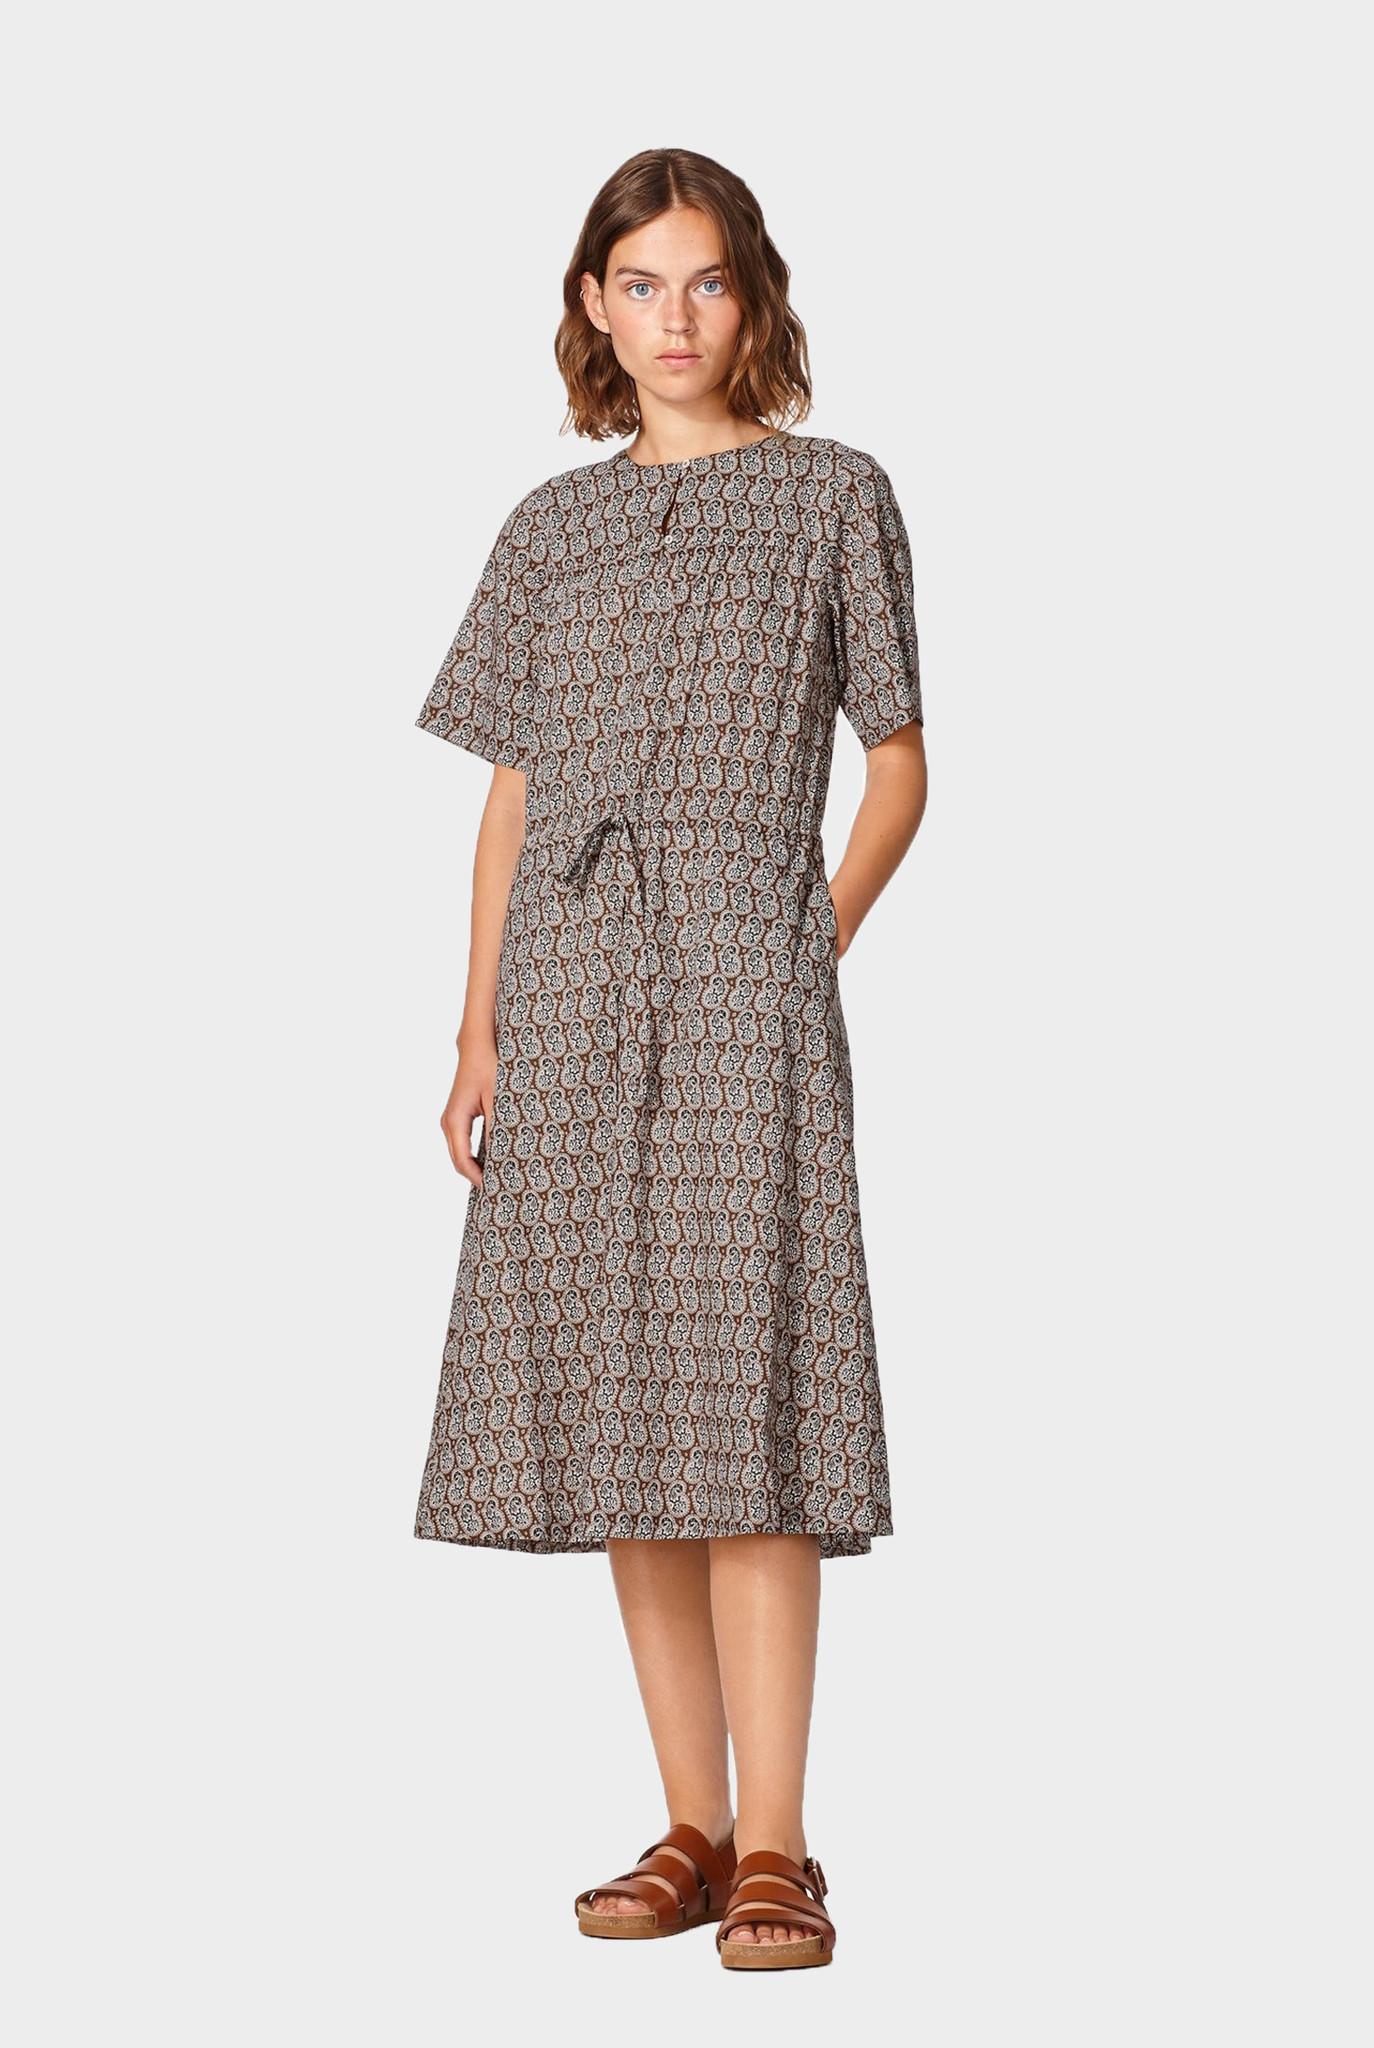 Elie Dress Hazelnut Print